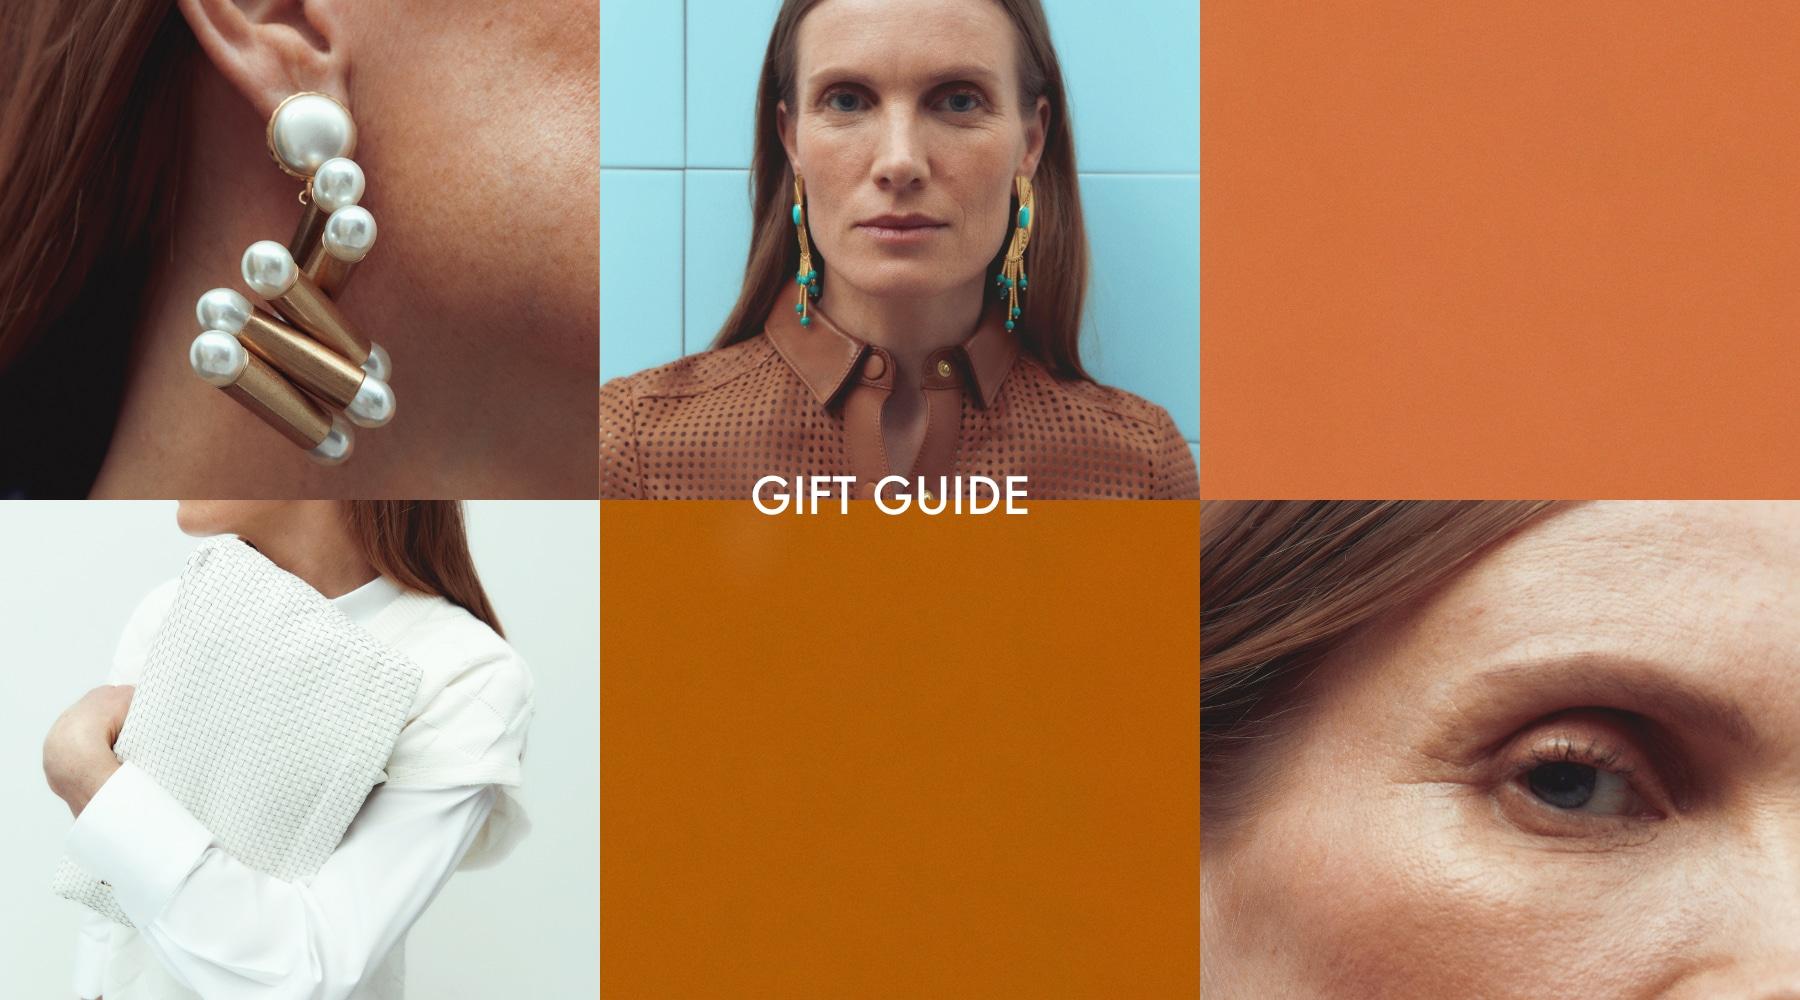 Guift Guide